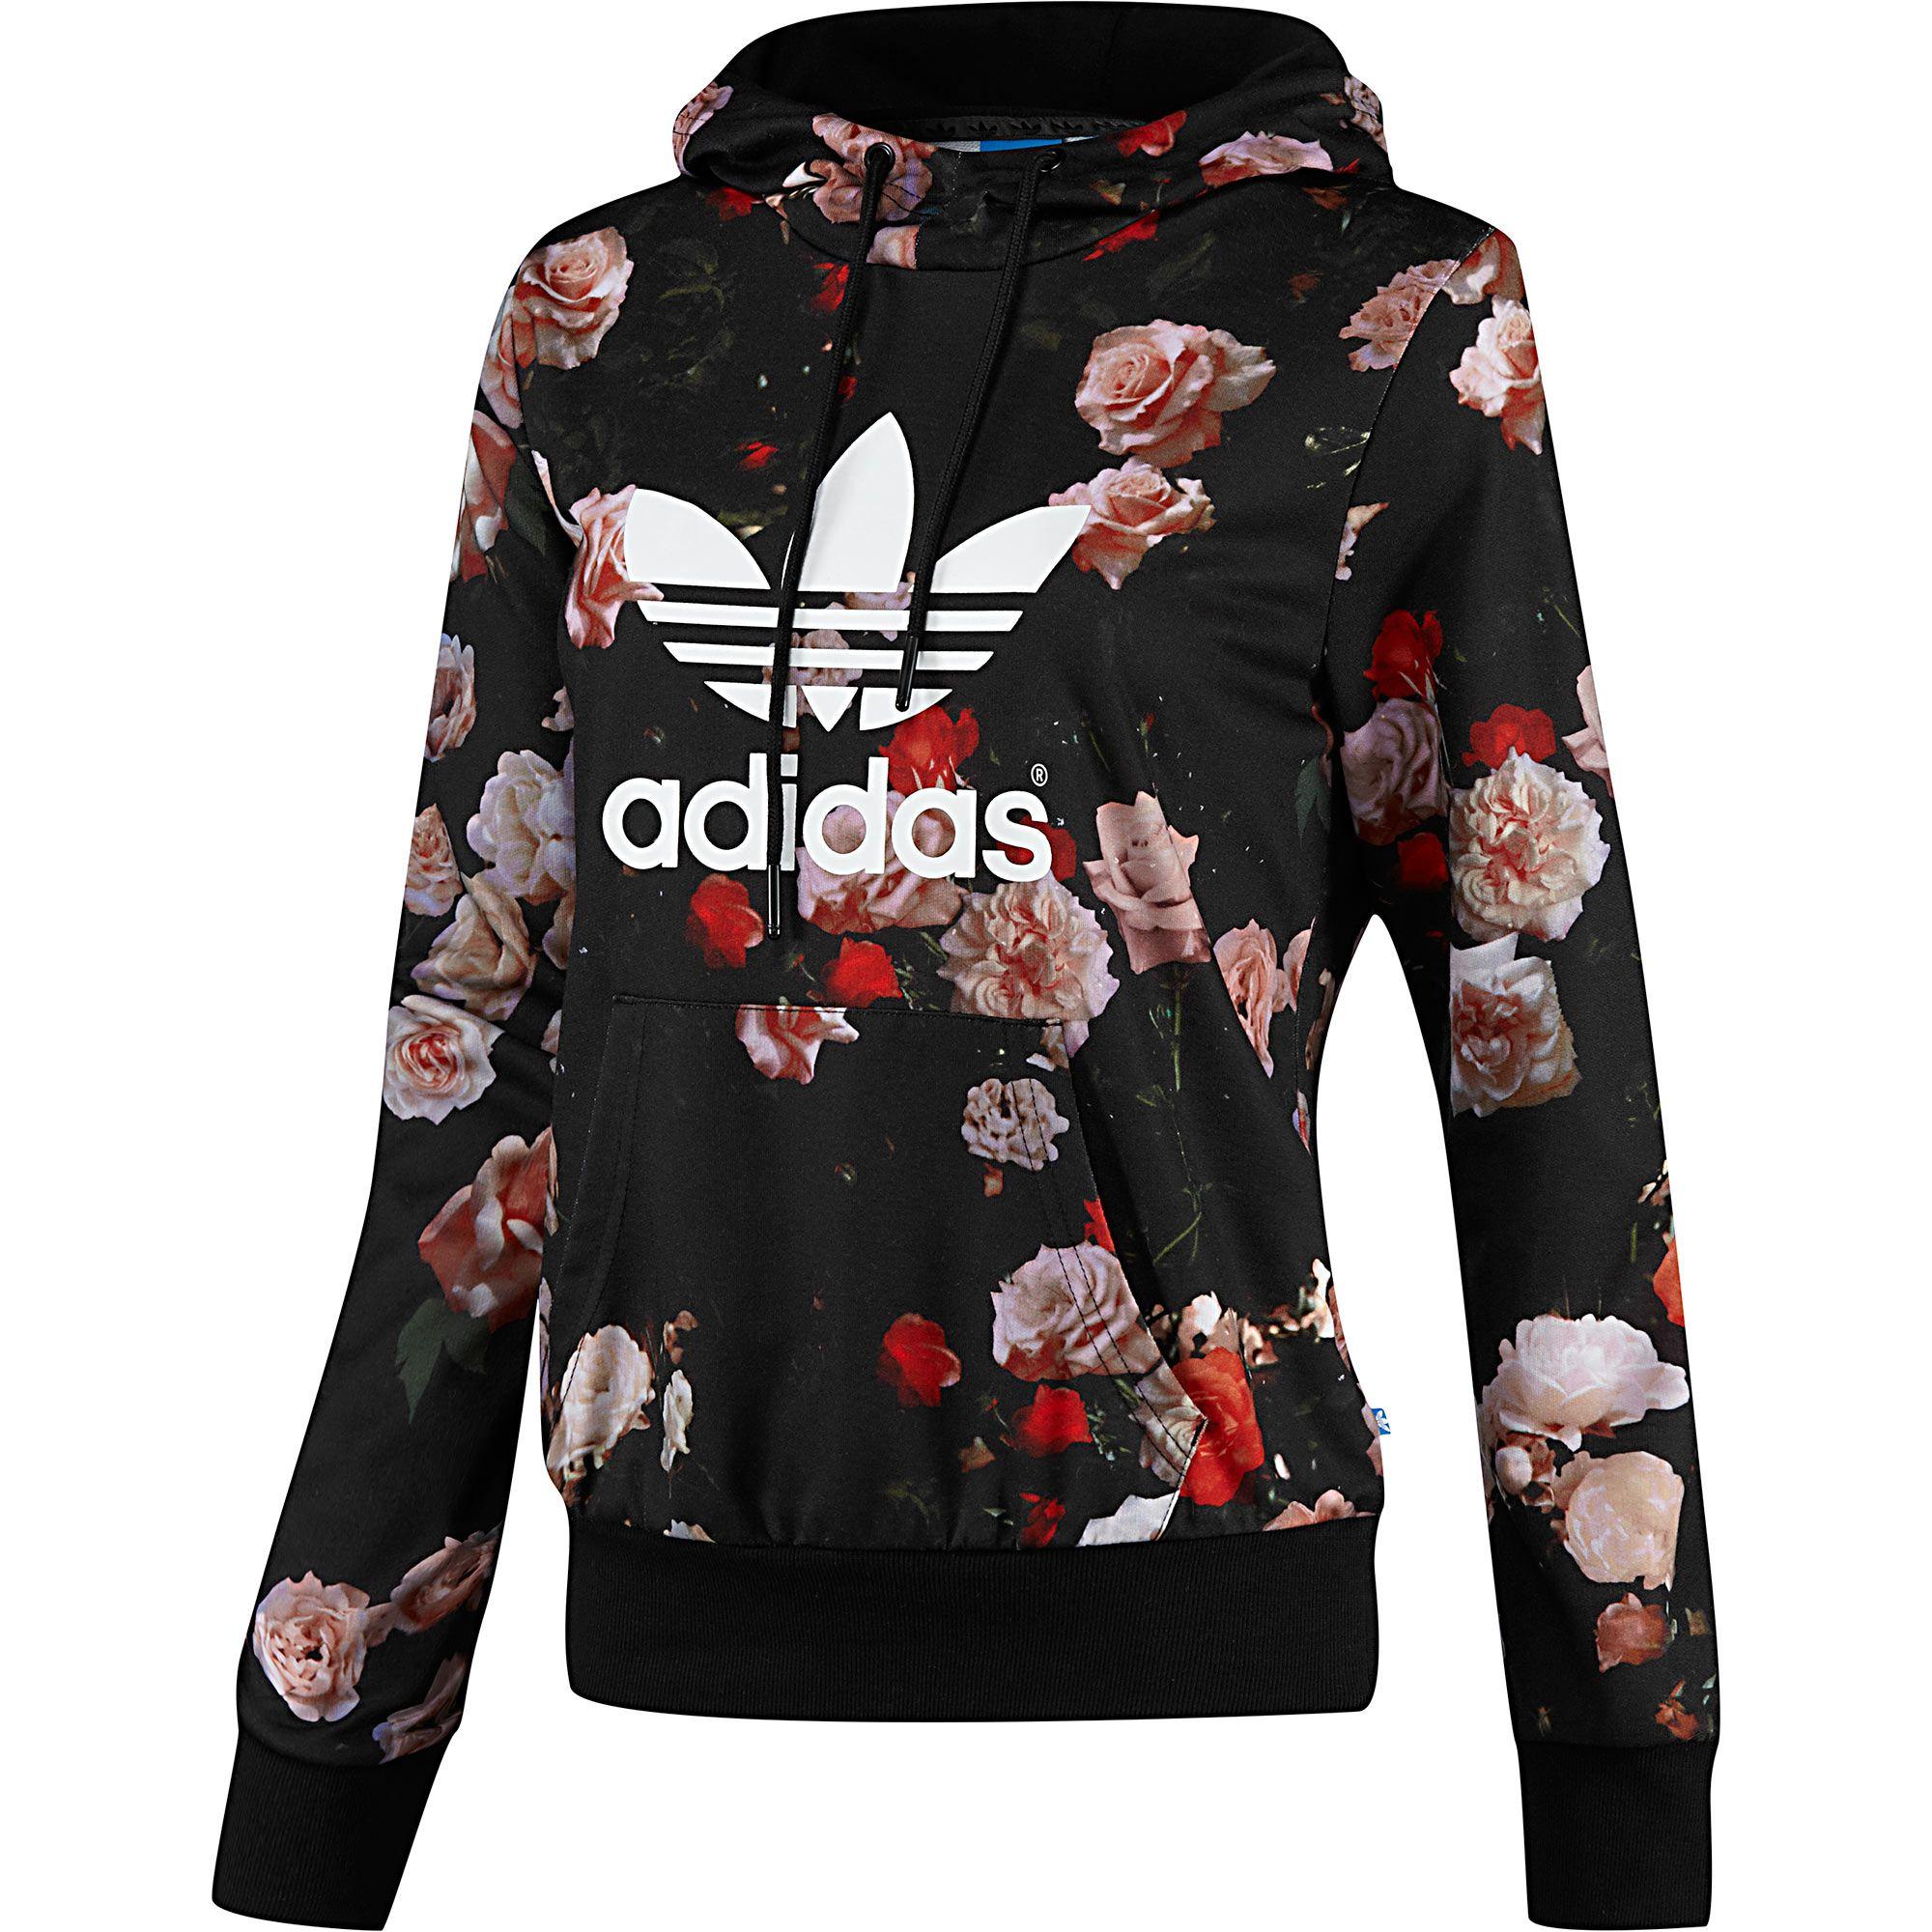 Ver insectos Ten confianza vestir  moletons femininos Adidas cinza com estampa | Adidas women, Fashion